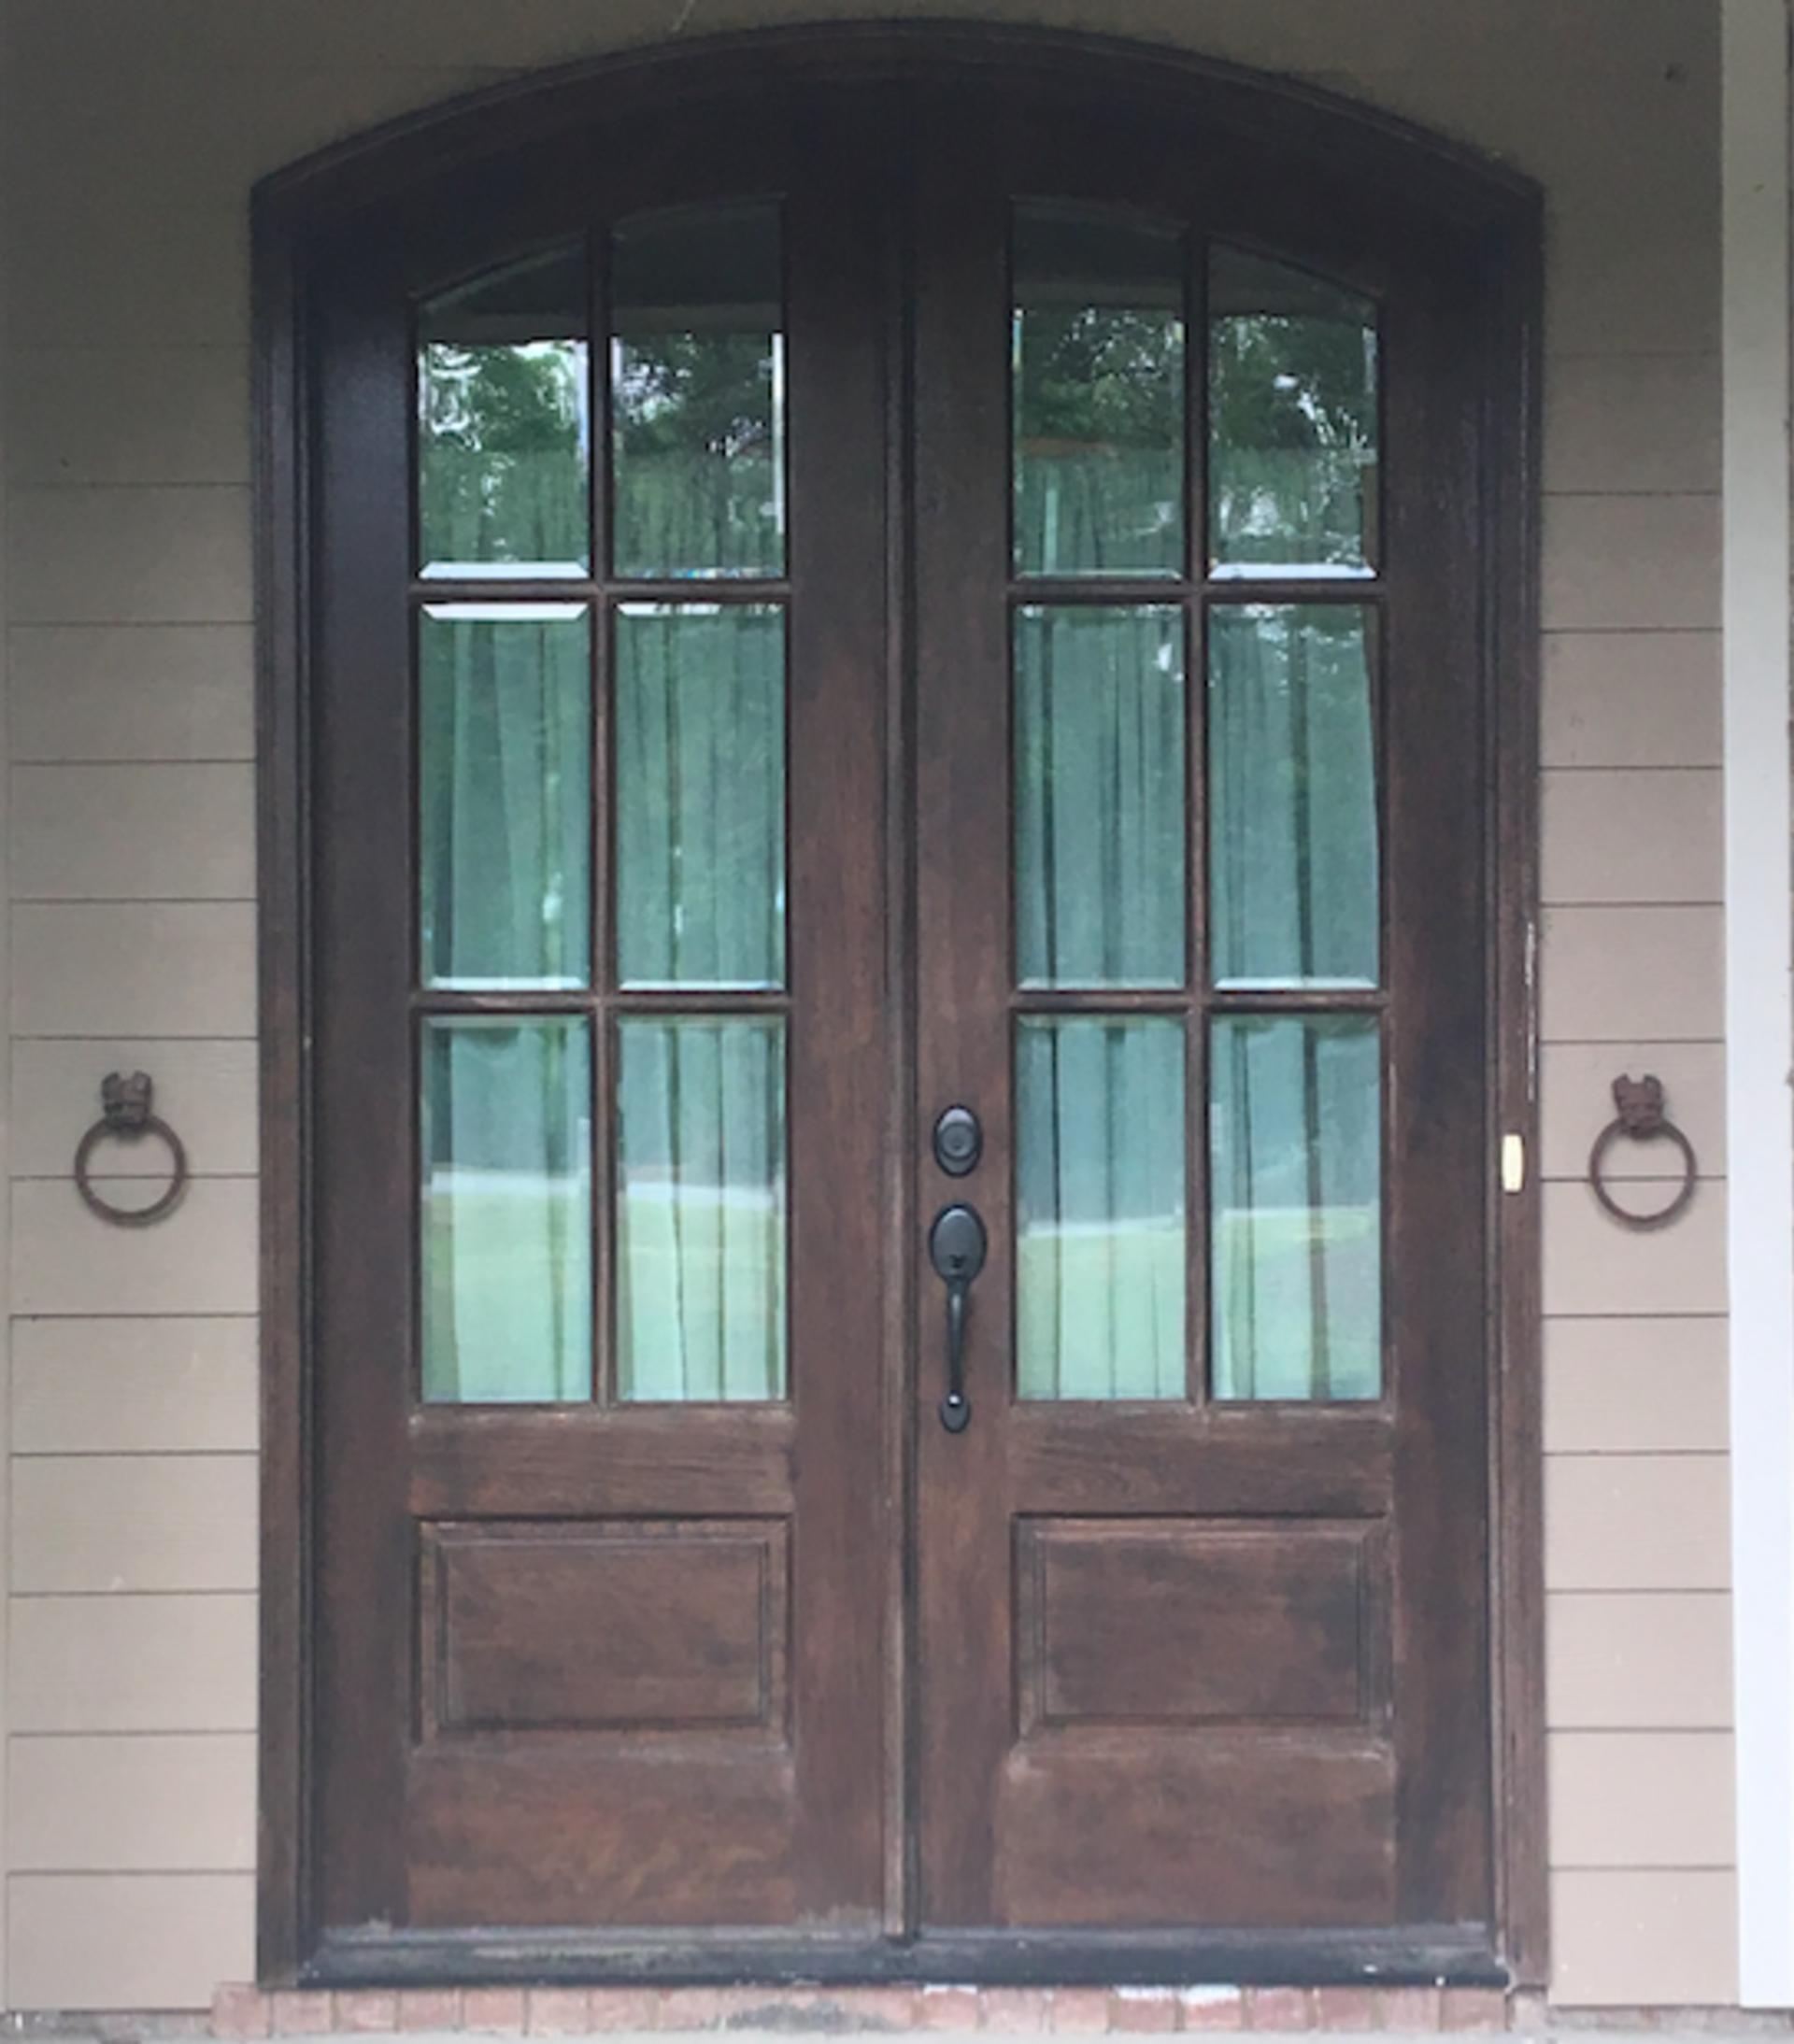 Check your front door!